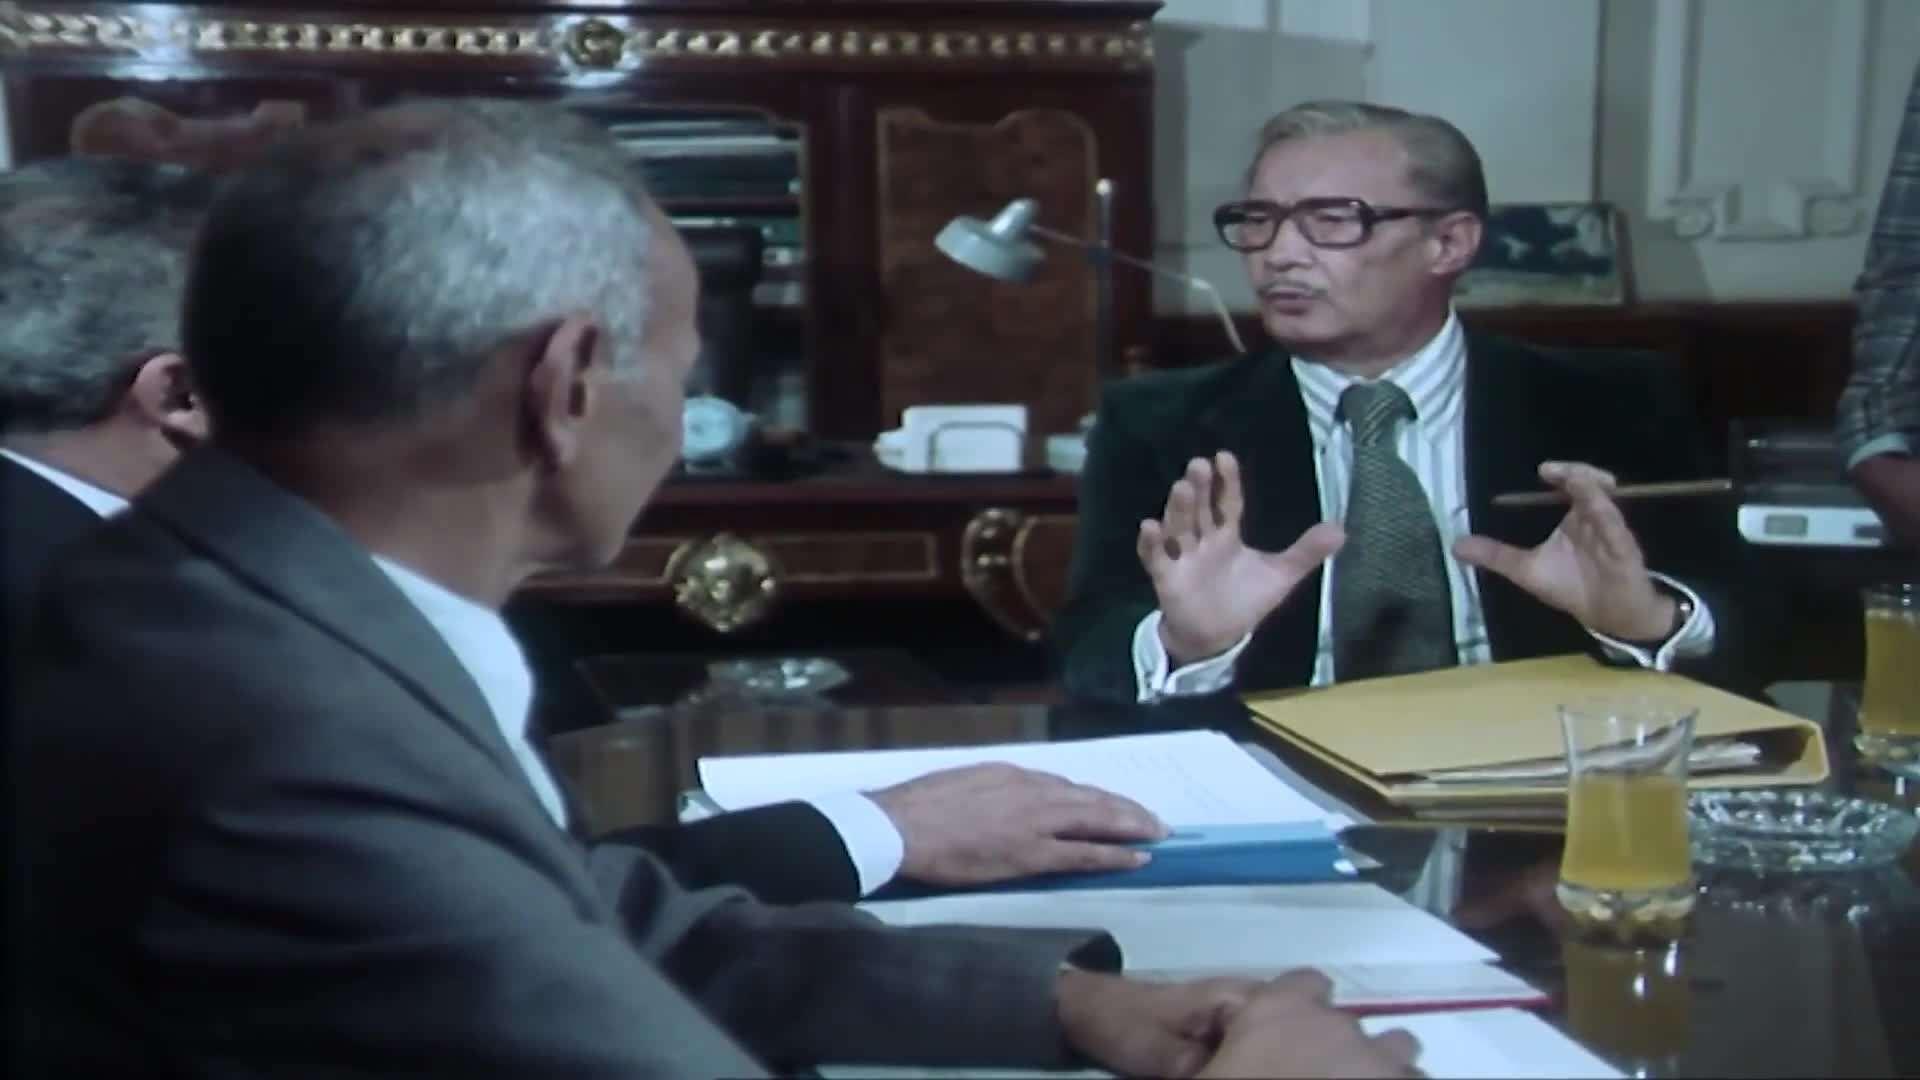 [فيلم][تورنت][تحميل][عصابة حمادة وتوتو][1982][1080p][Web-DL] 4 arabp2p.com